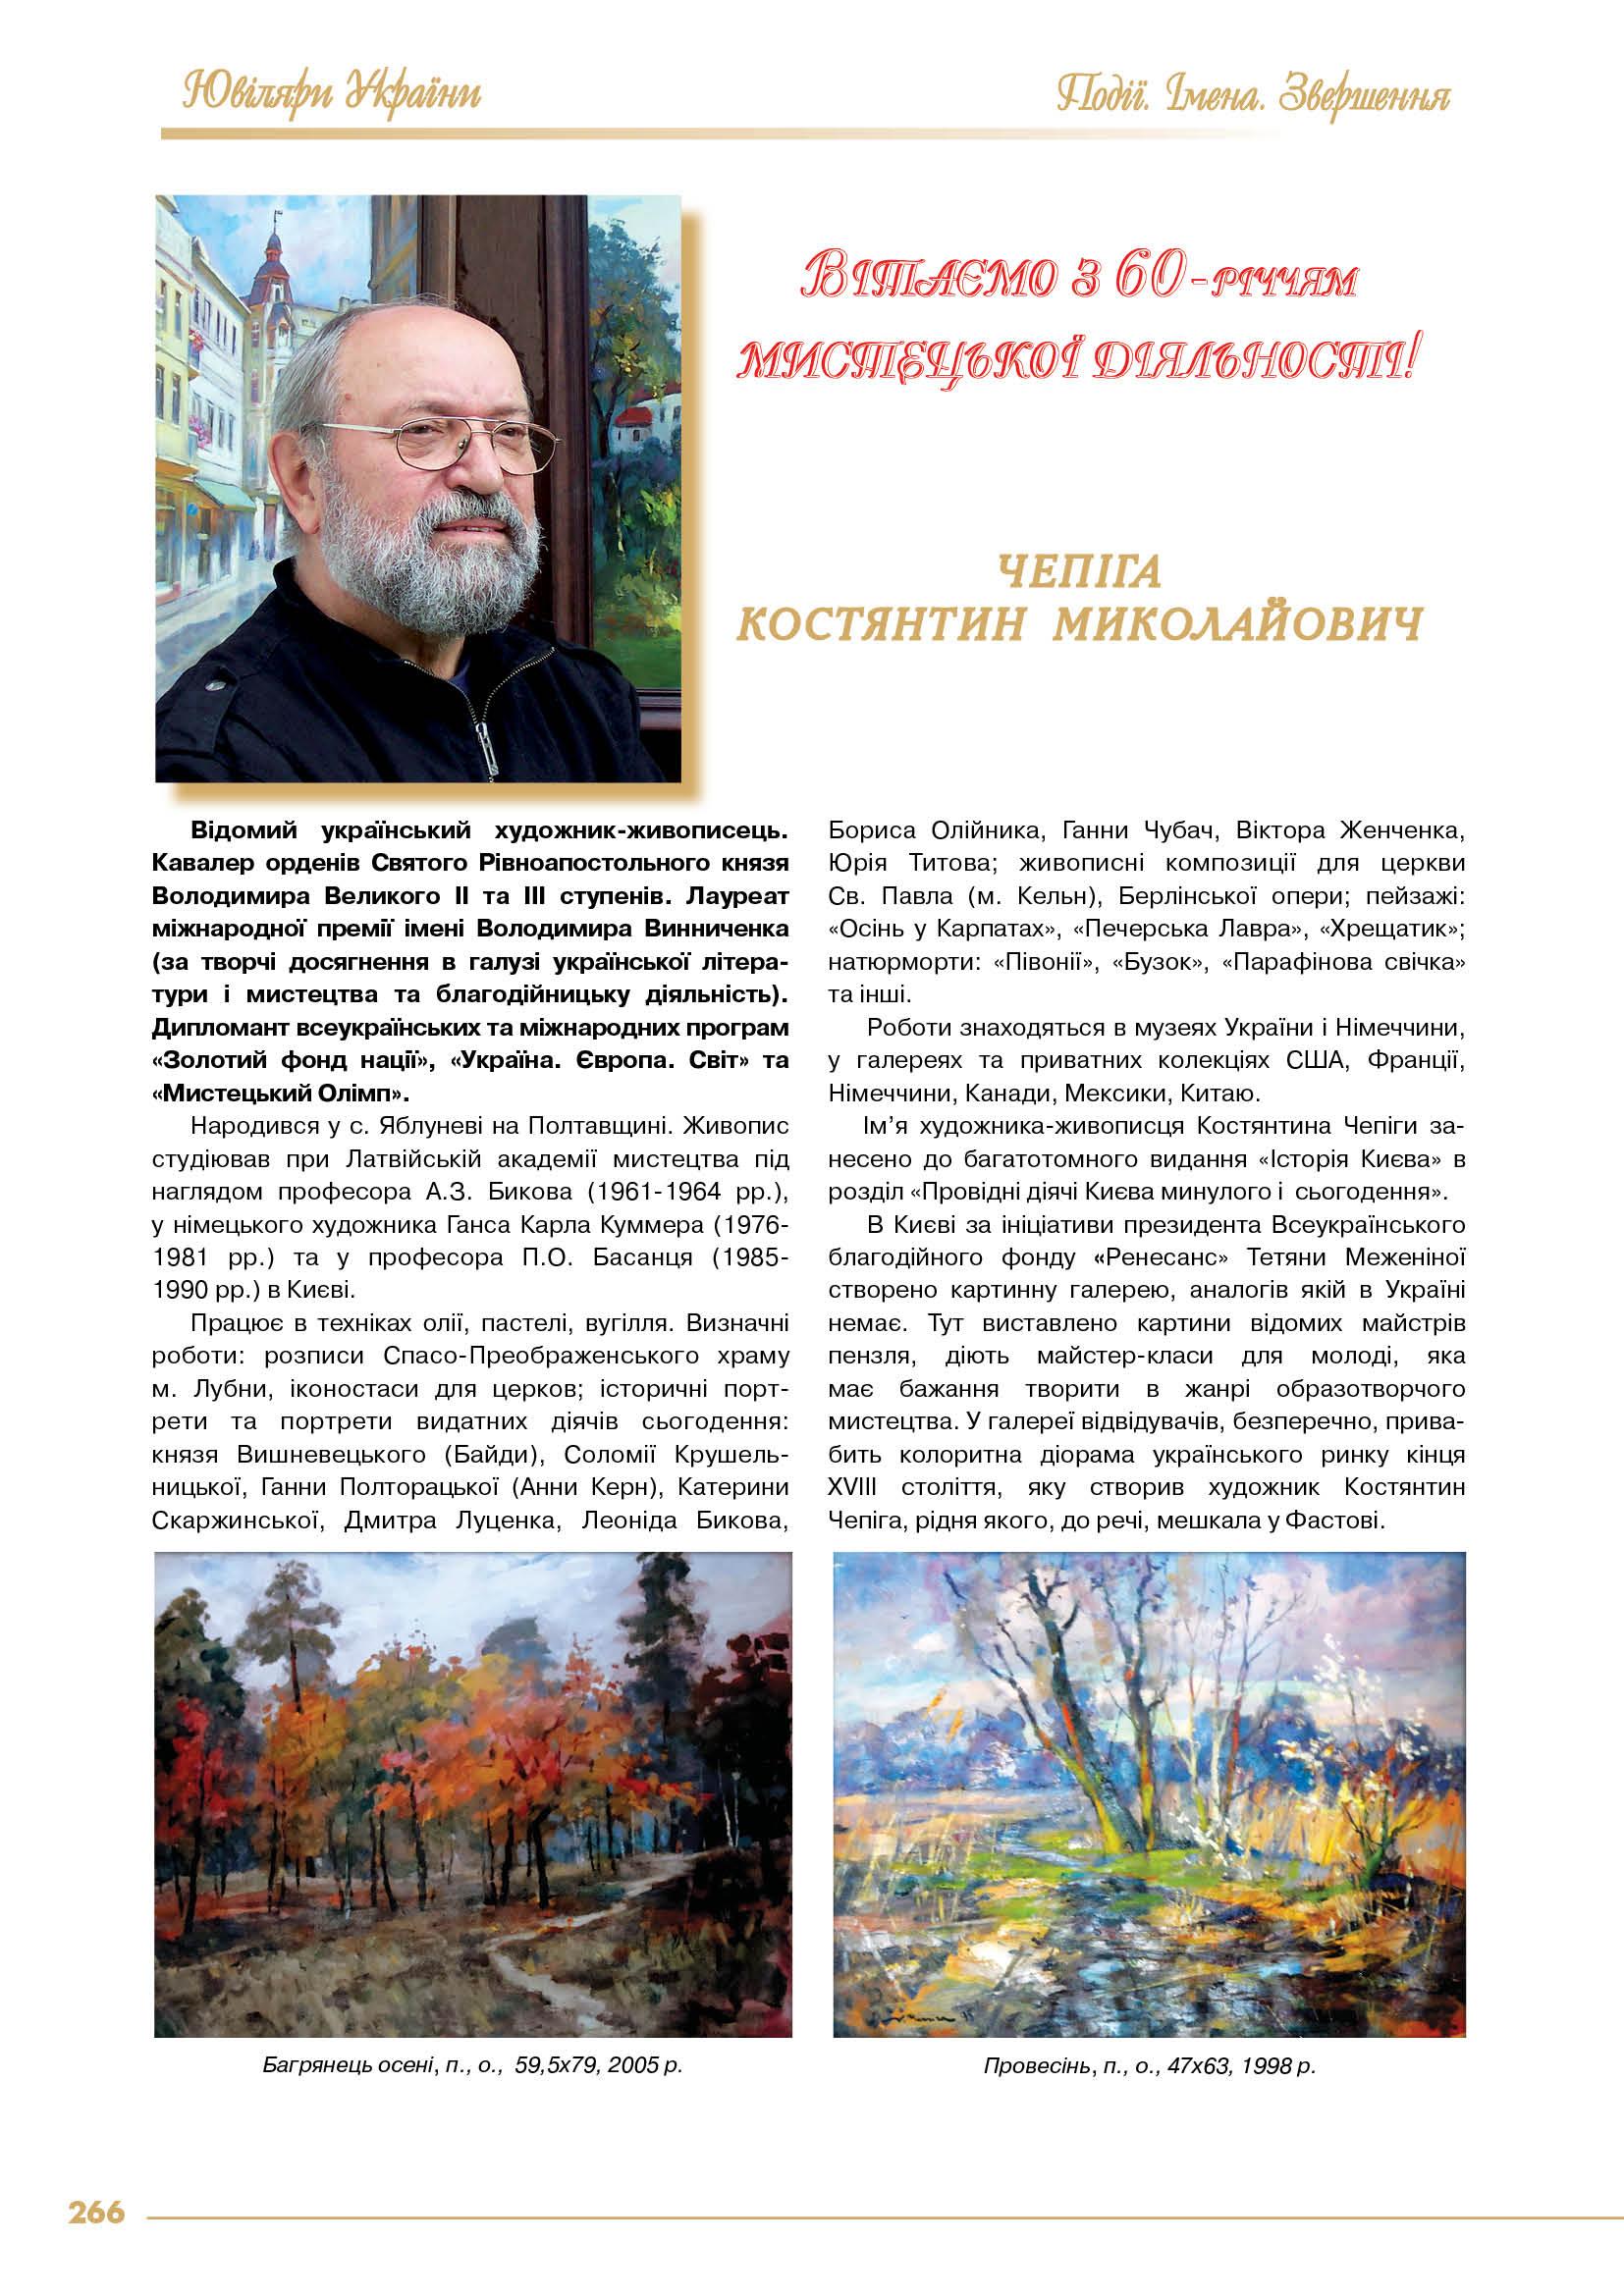 Чепіга Костянтин Миколайович